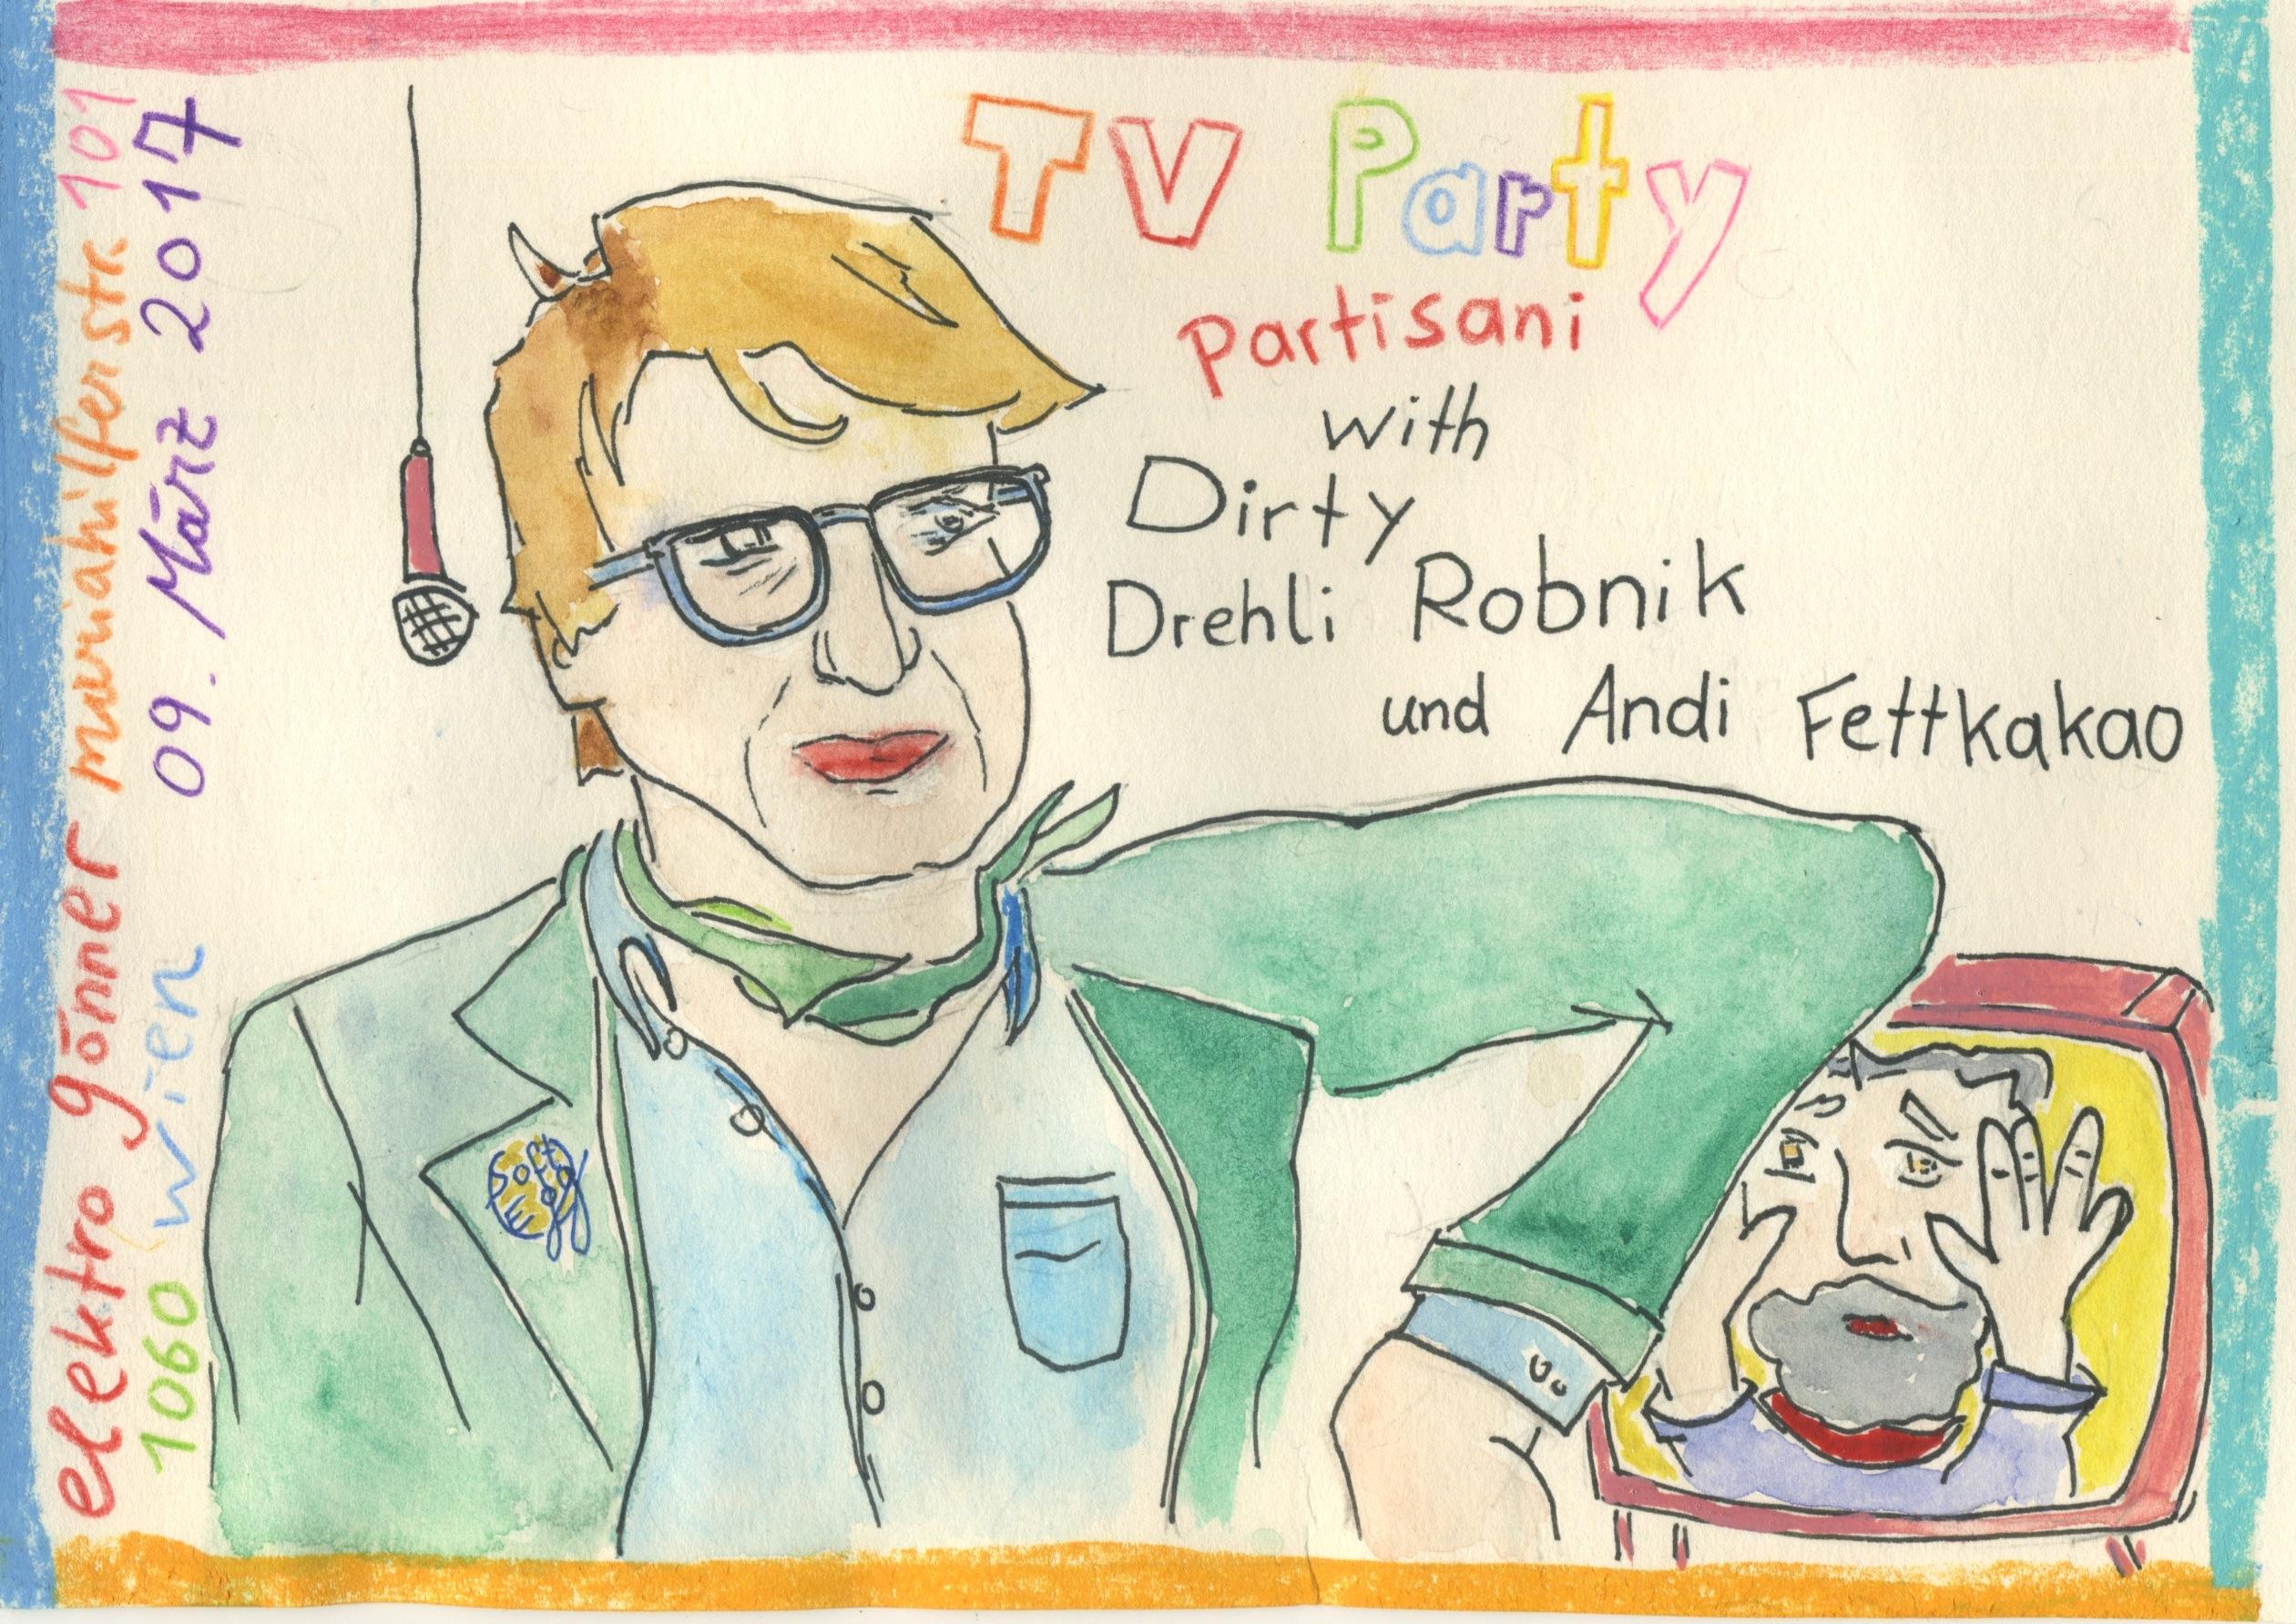 Ol' Dirty Drehli Robnik & Andi Fettkakao